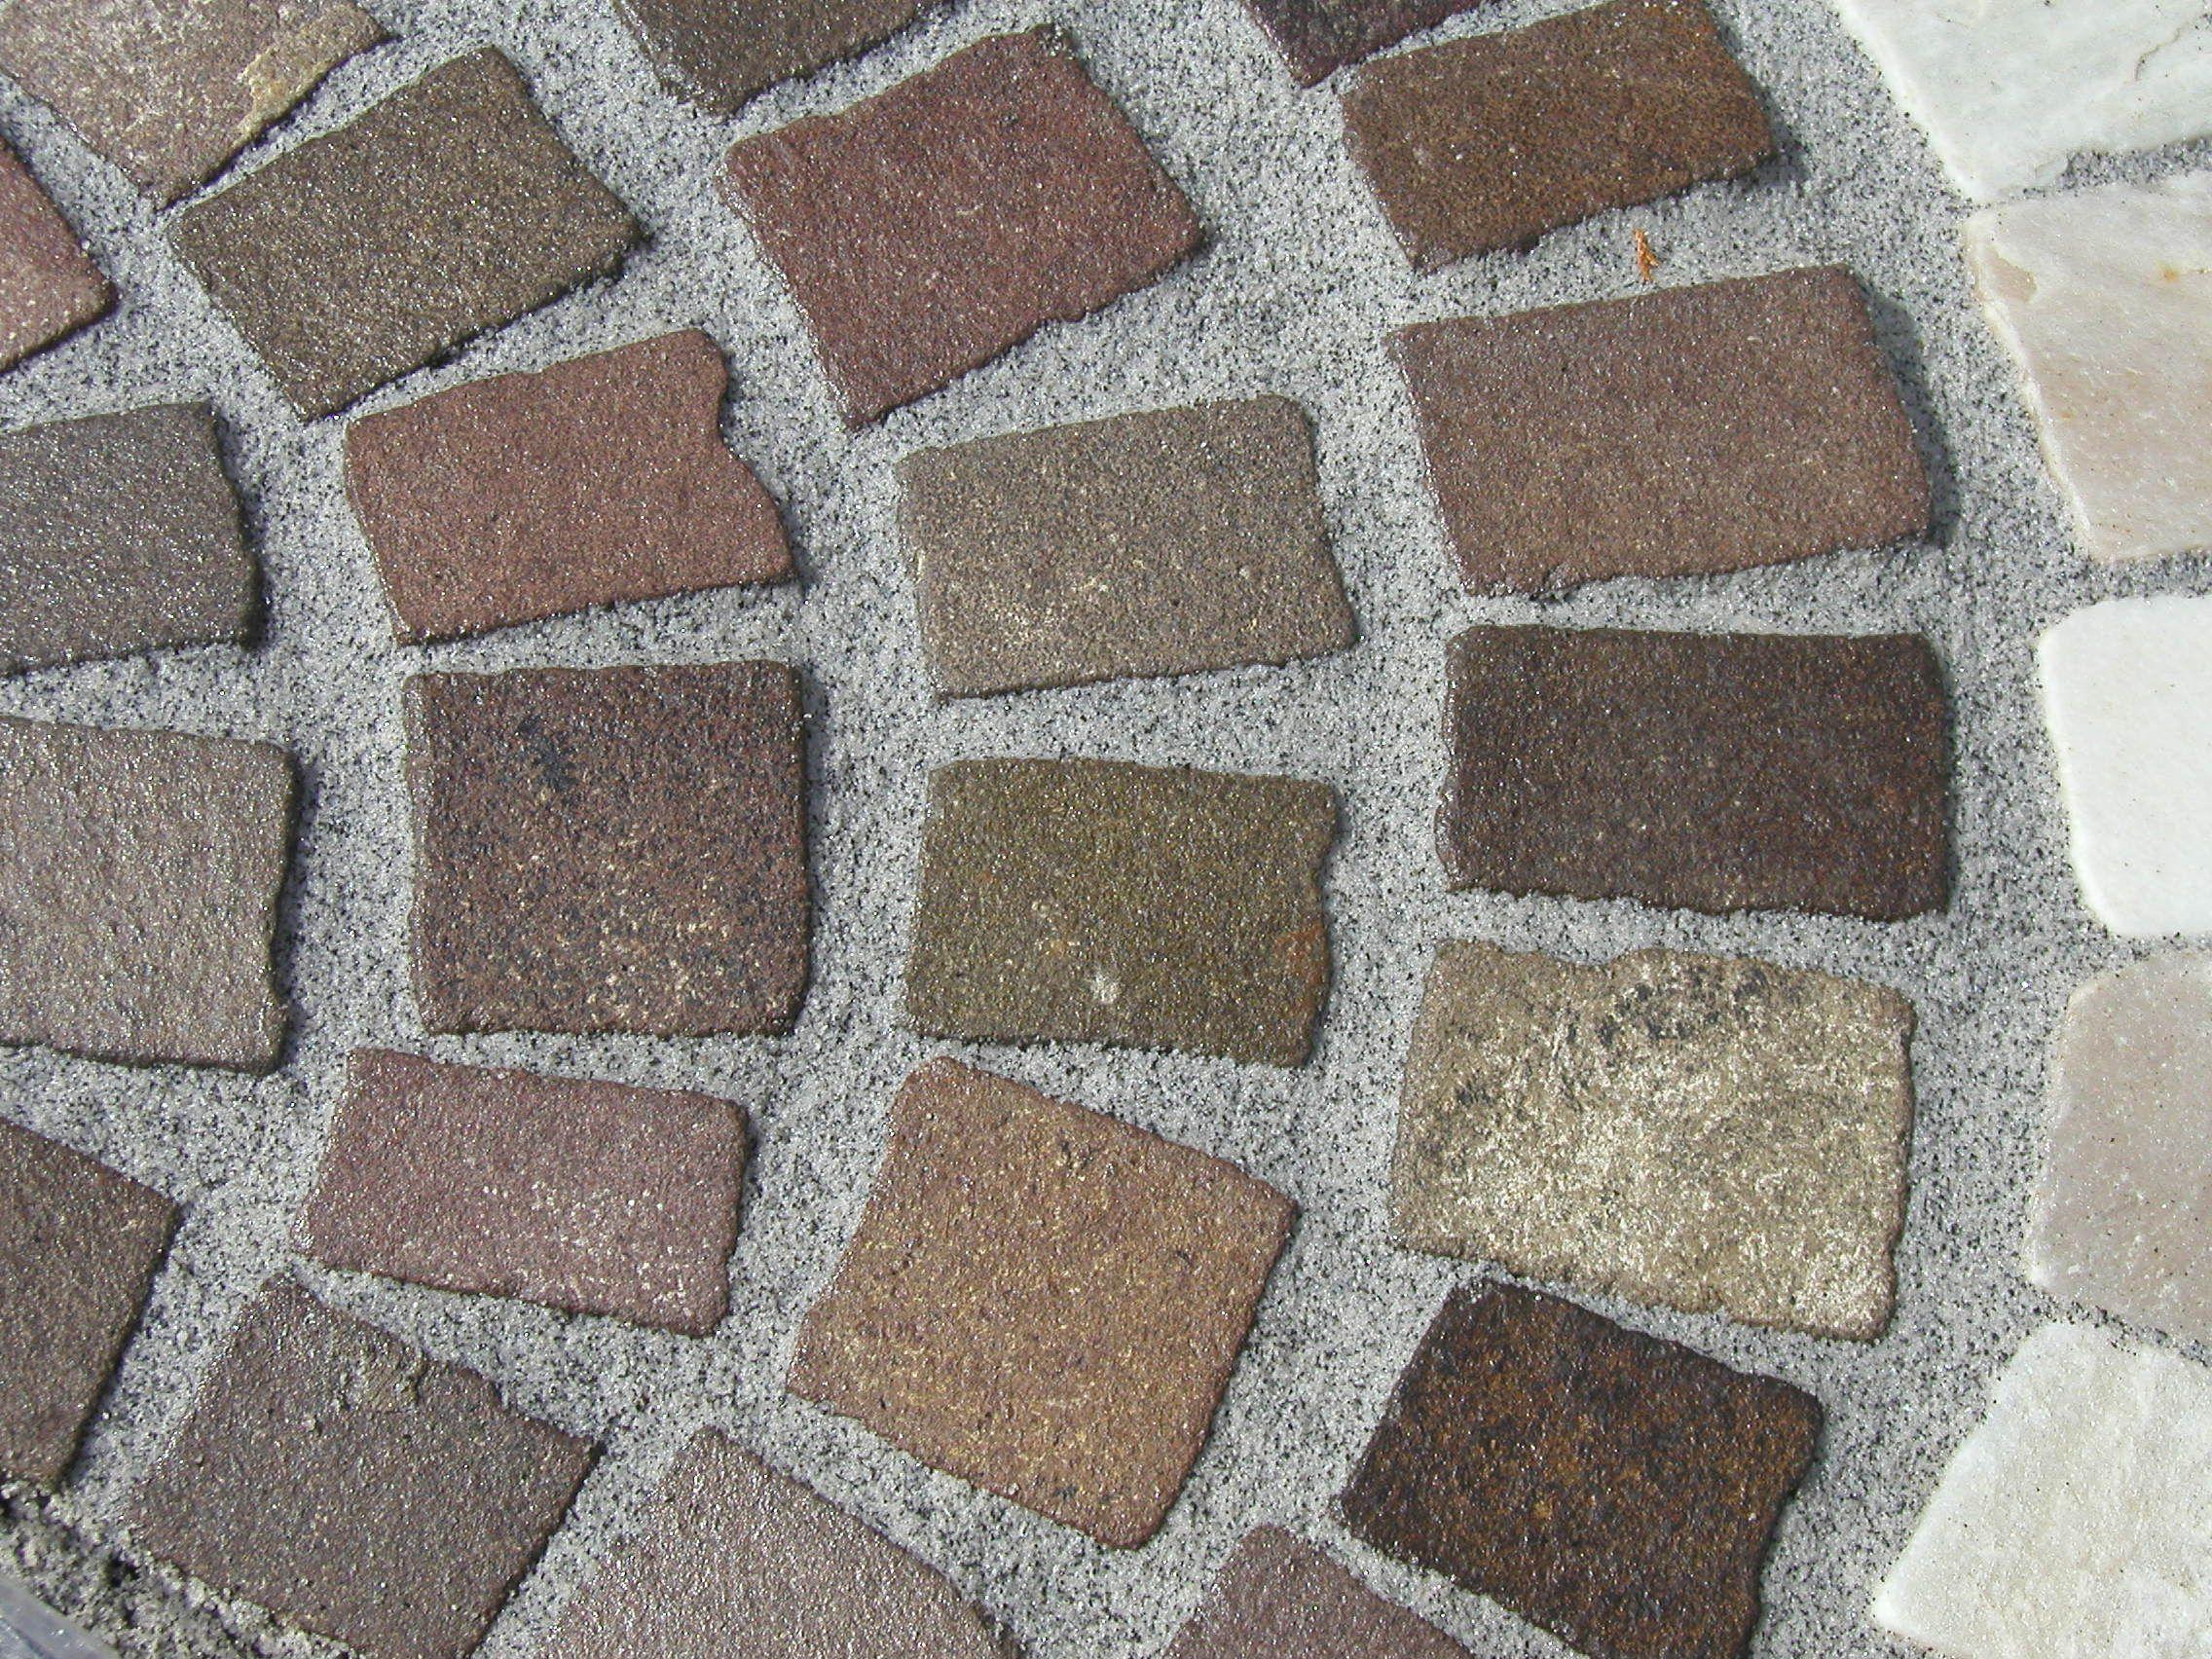 buntes 10 x 10er granitpflaster mit einem fugenmörtel in der farbe